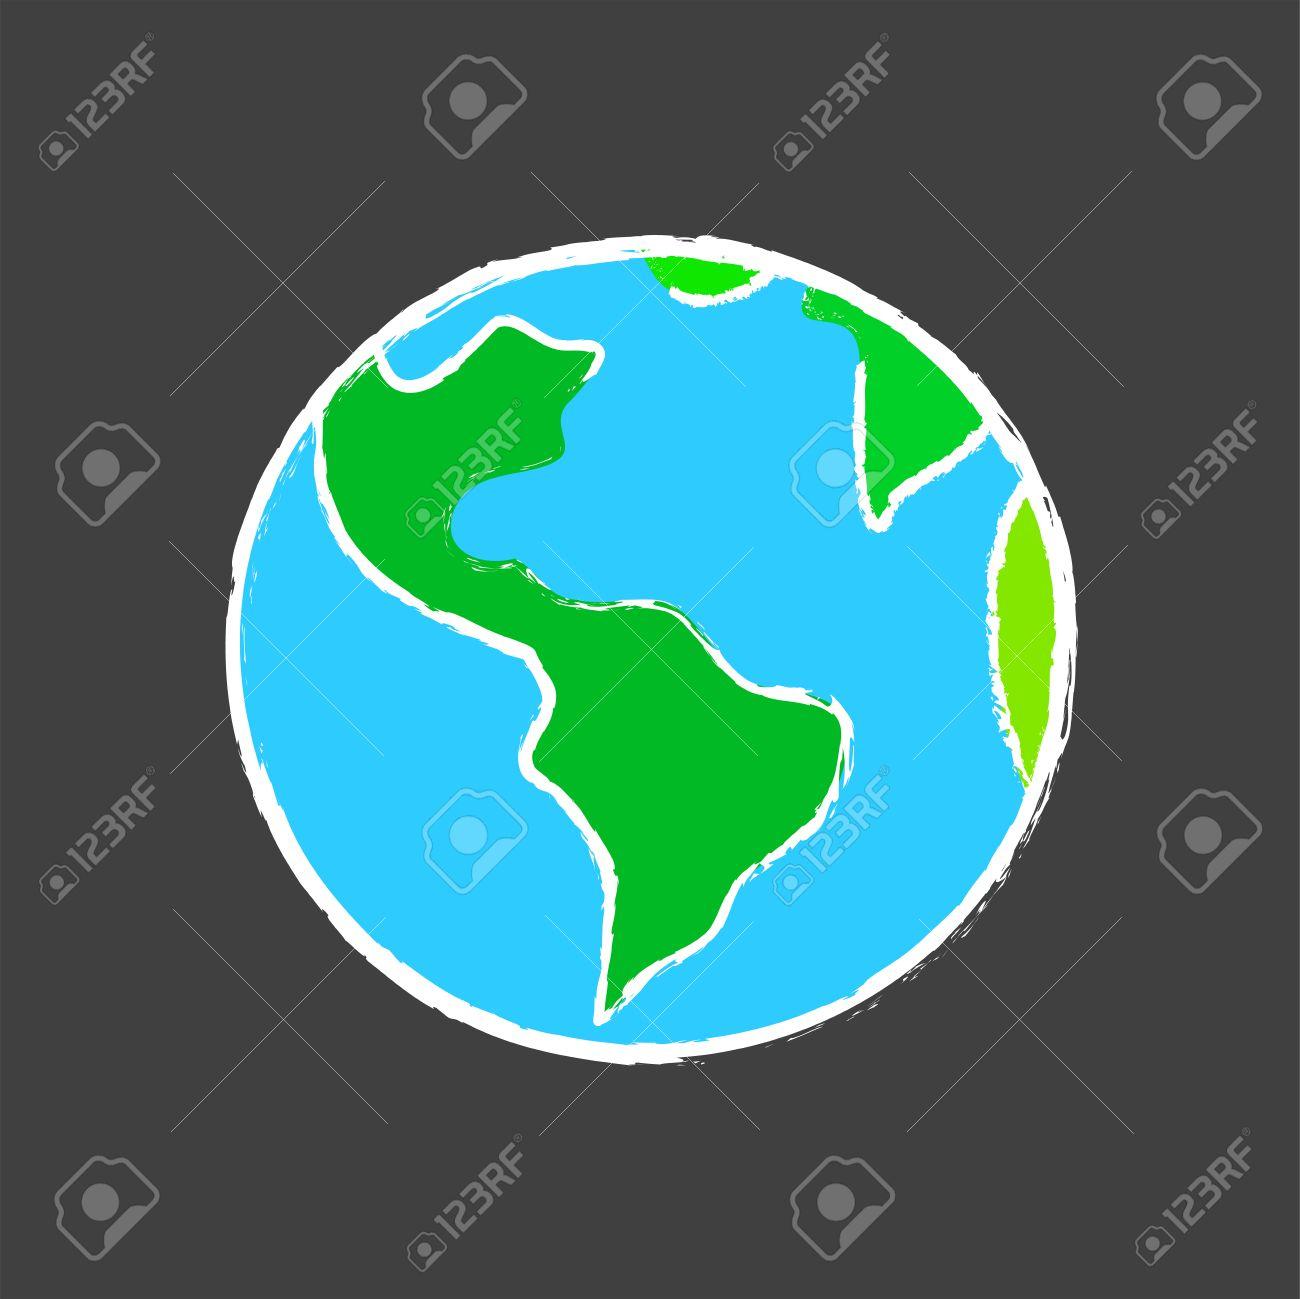 Dessin Planète Terre Sur L'école Blackboard intérieur Image De La Terre Dessin